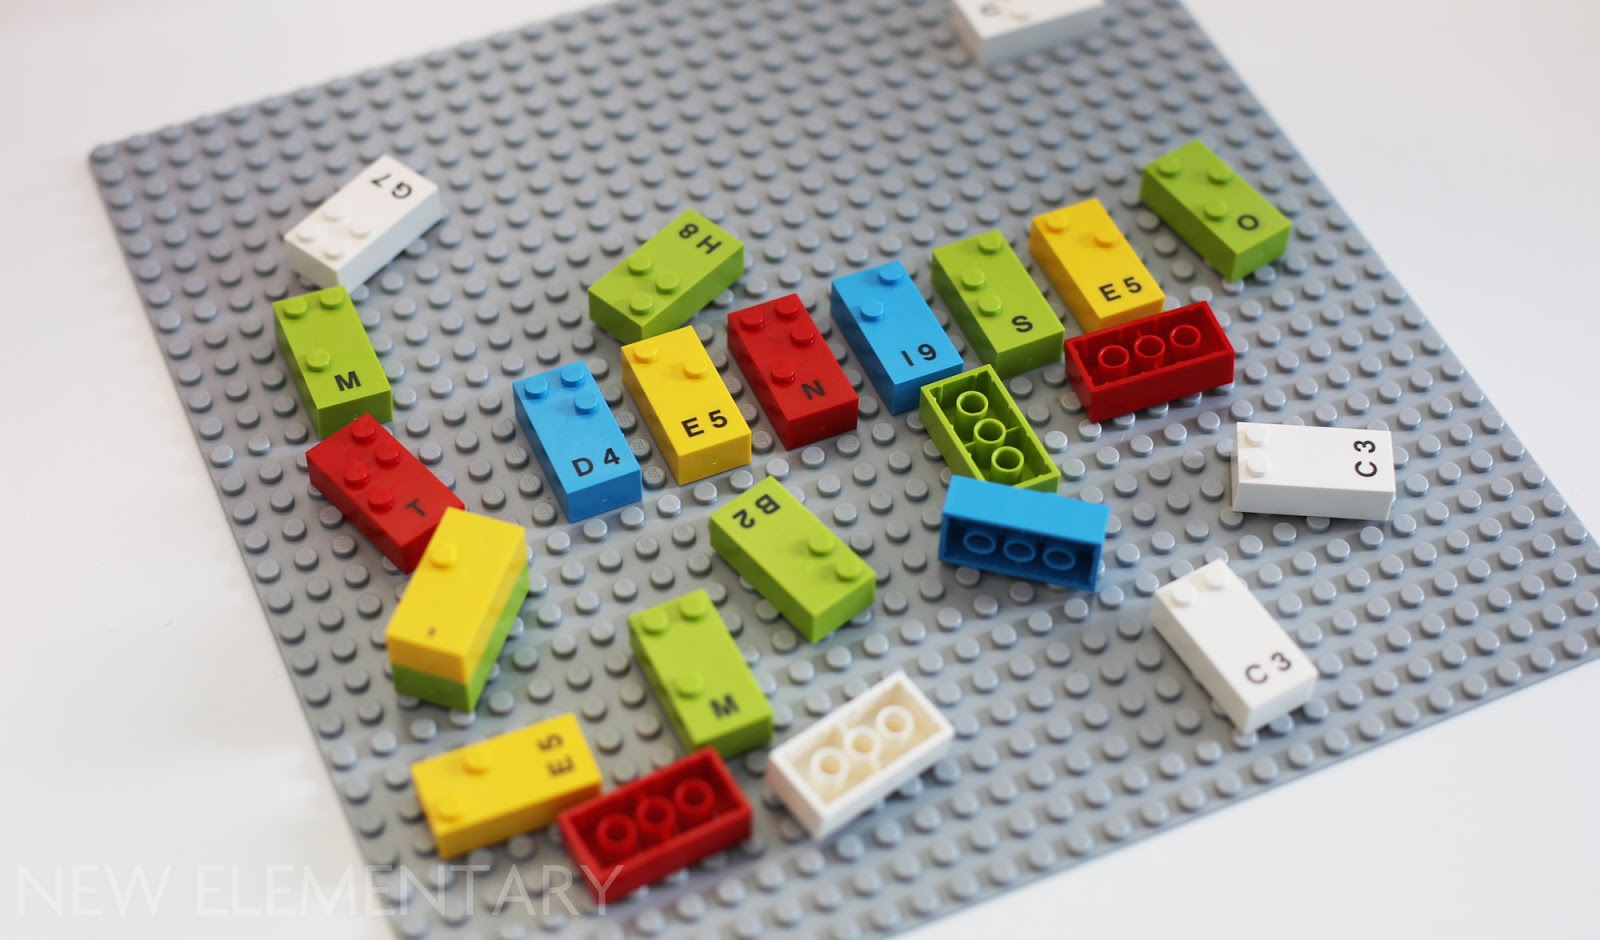 LEGO® Braille bricks